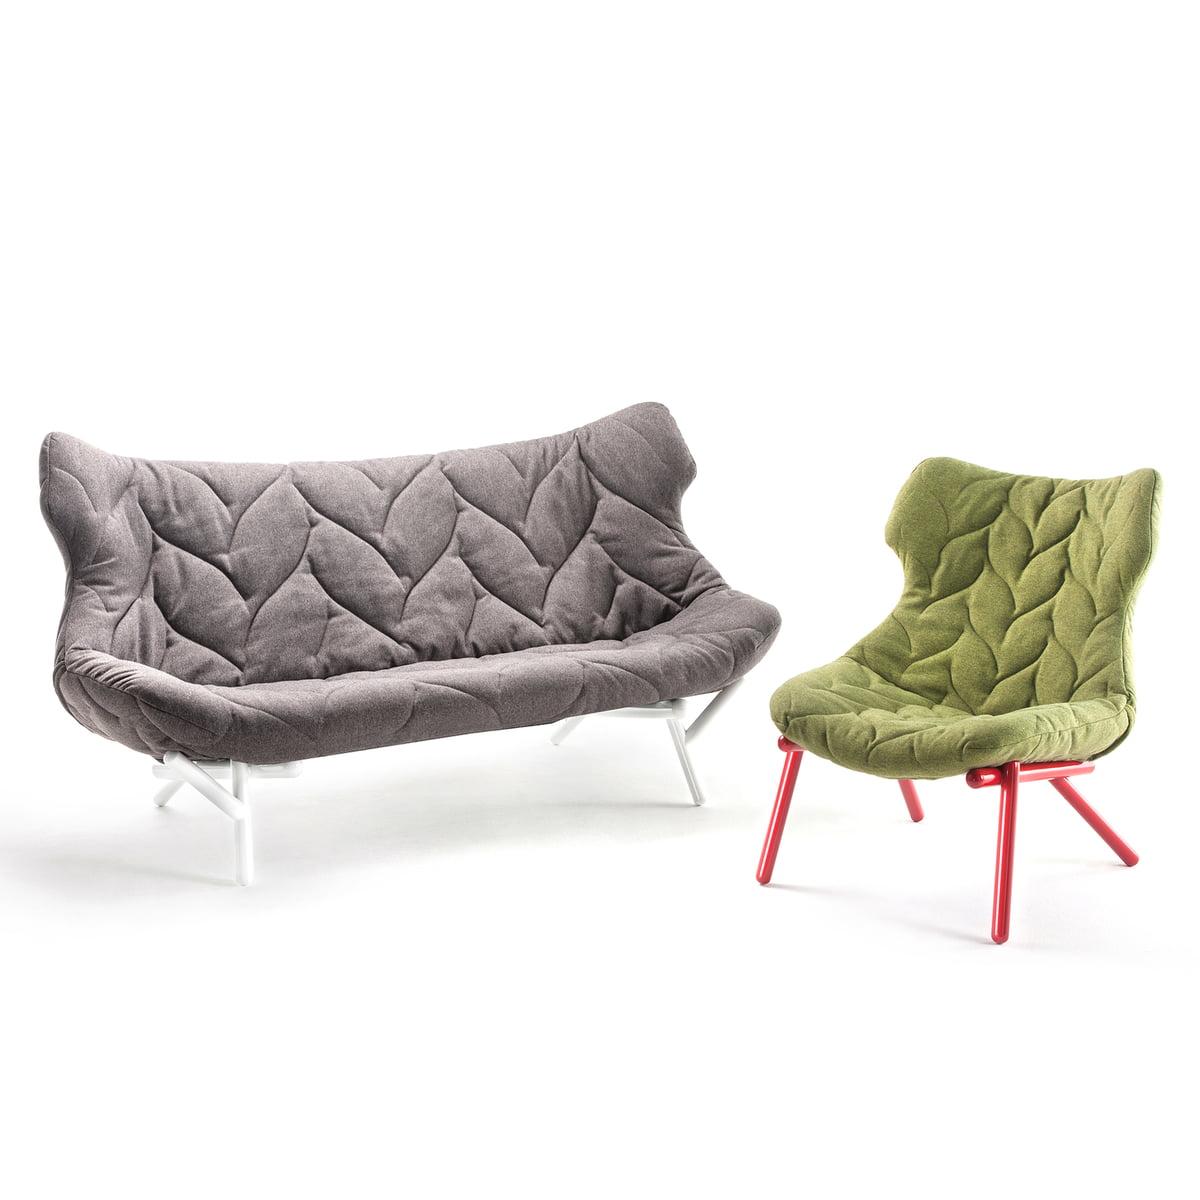 Sessel gezeichnet  Foliage Sofa von Kartell im Wohndesign-Shop